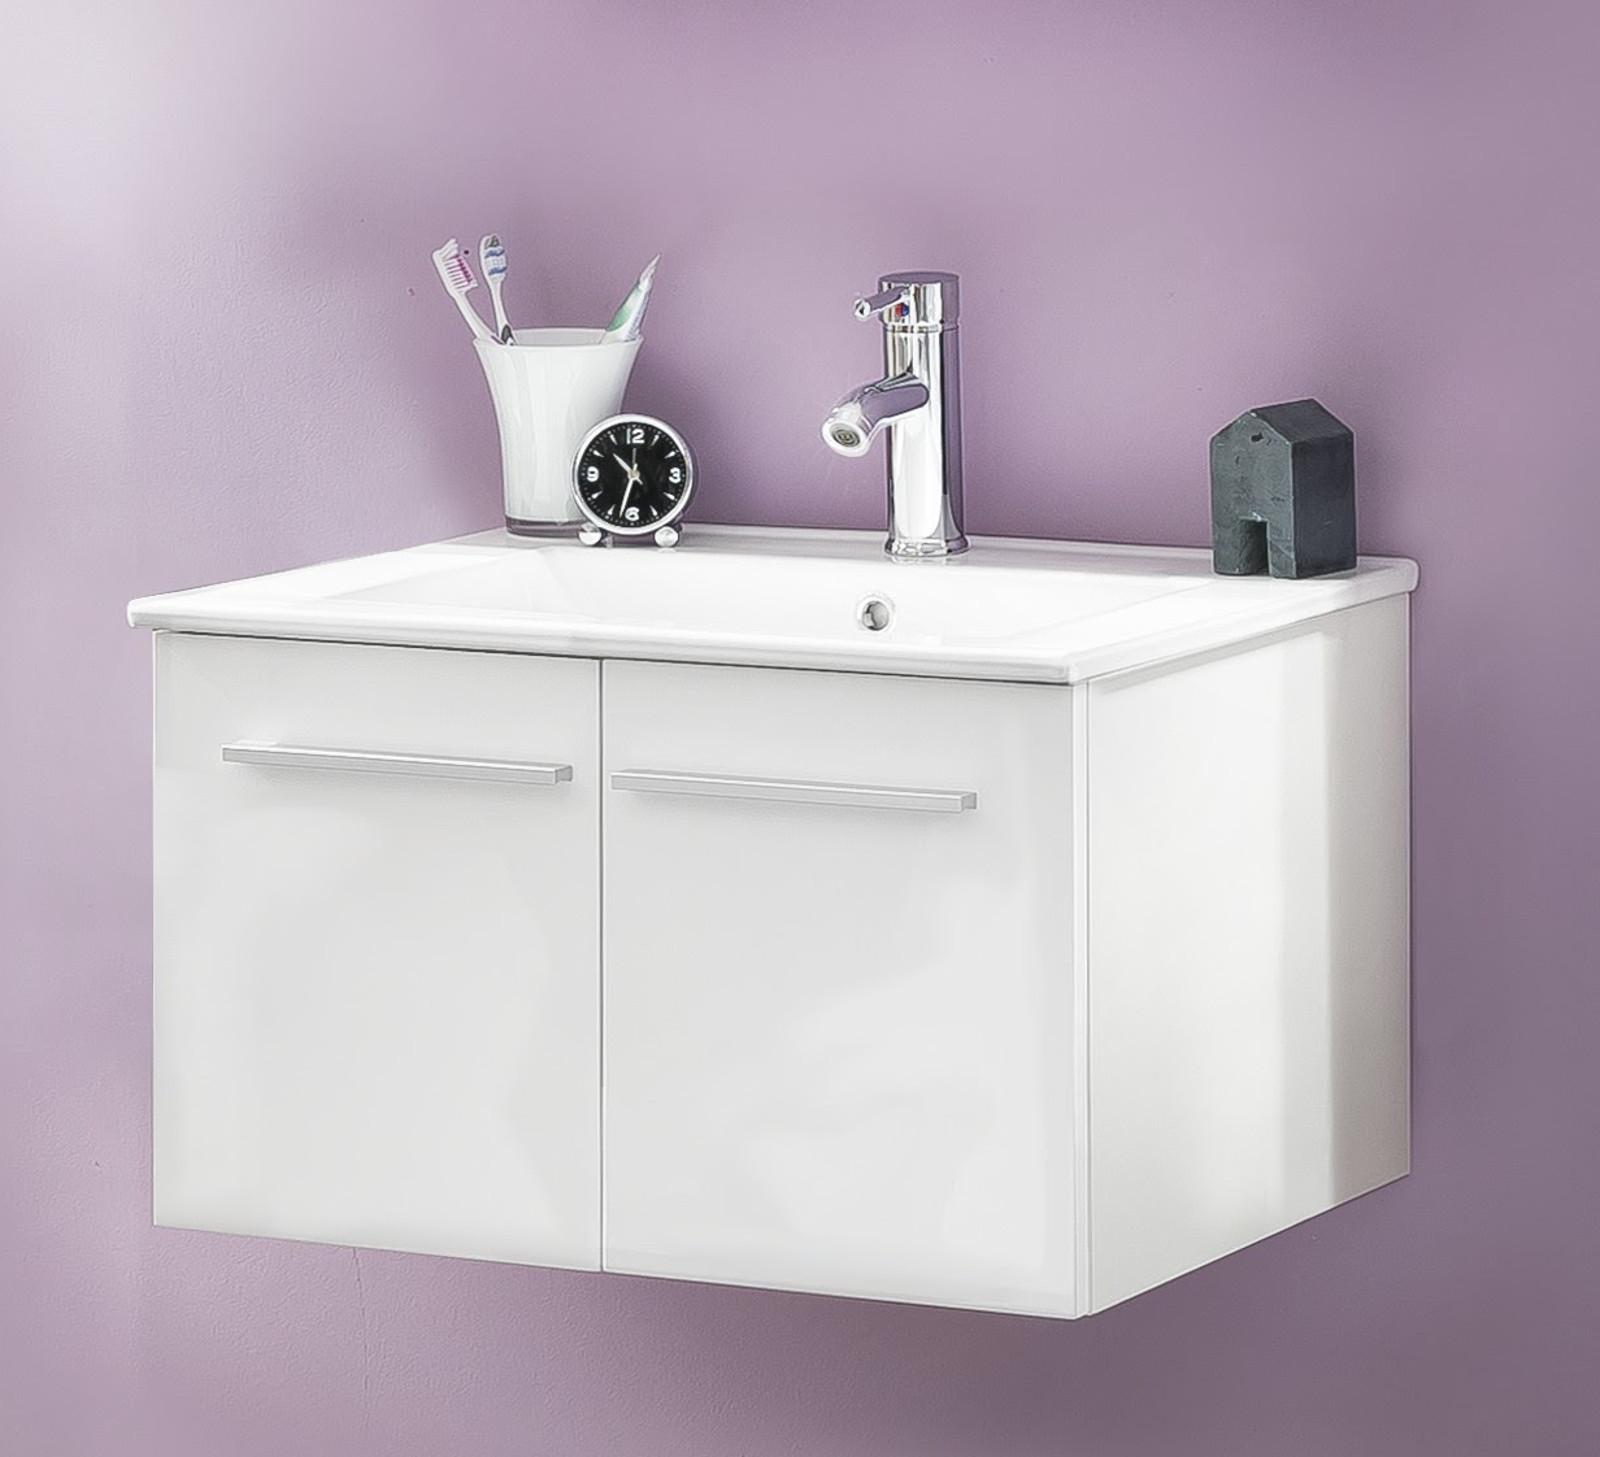 waschbeckenunterschrank ttb3 wei glanz. Black Bedroom Furniture Sets. Home Design Ideas